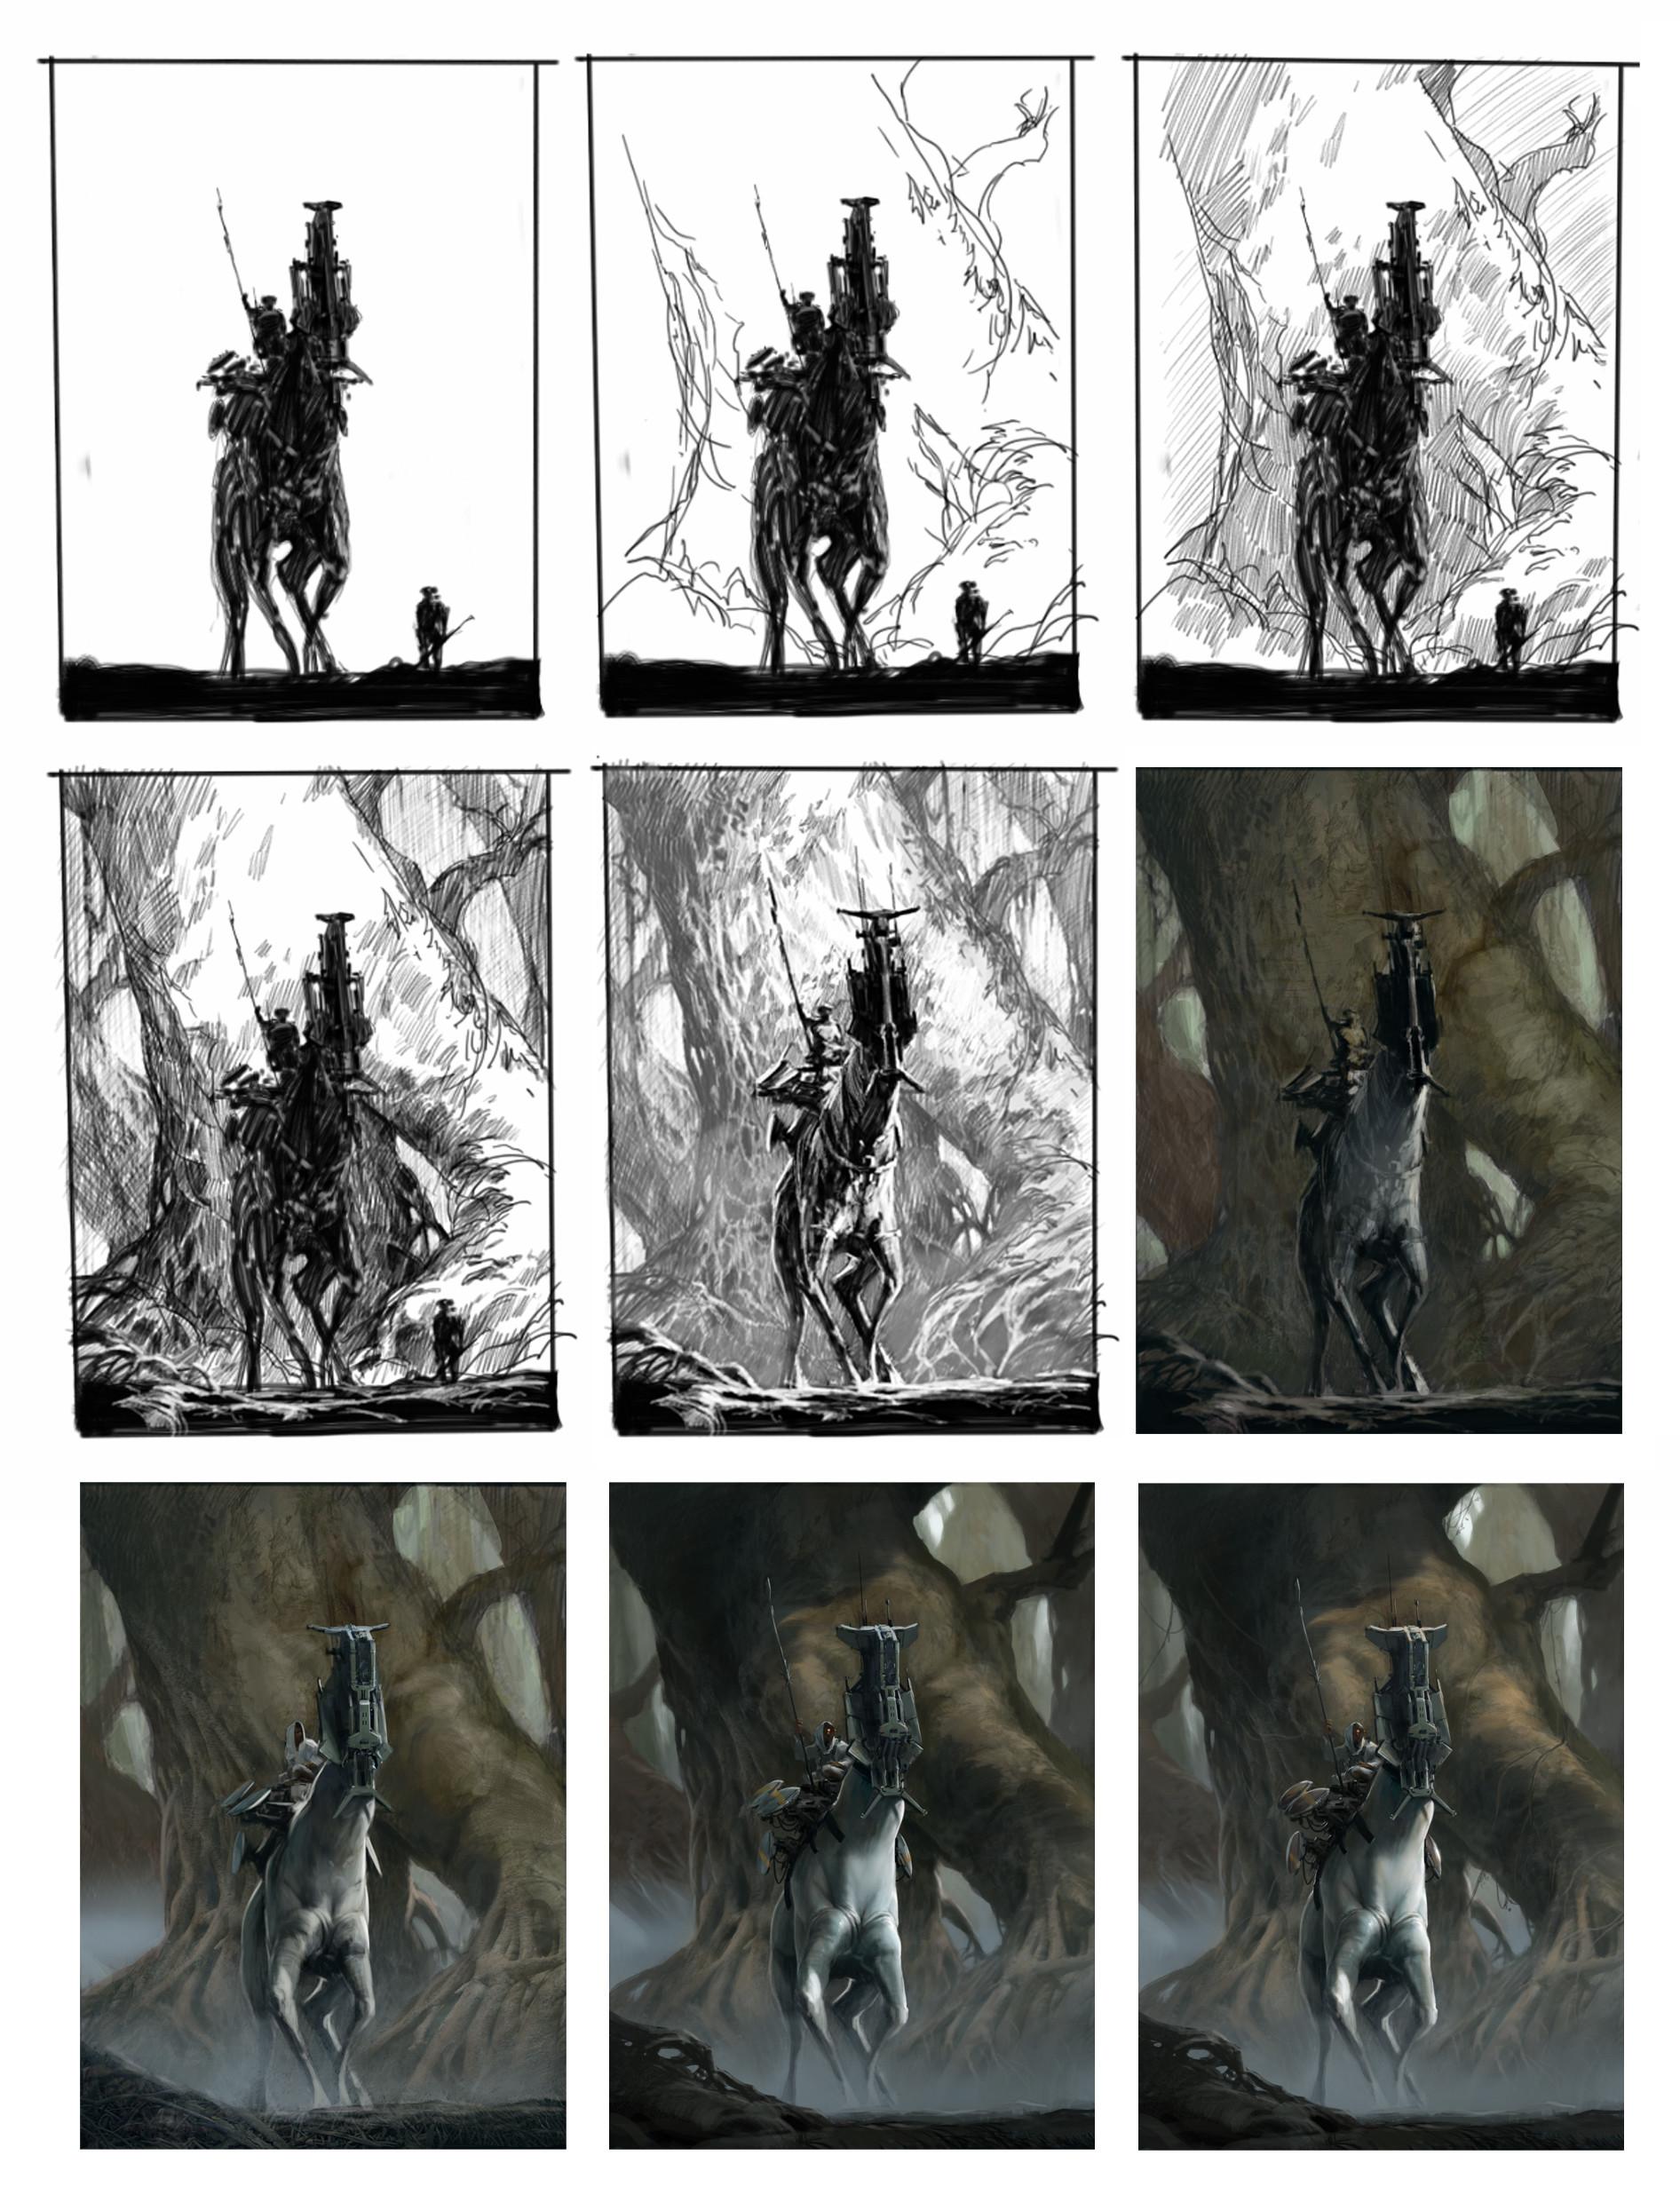 Martin deschambault project77 giant mangrove wip